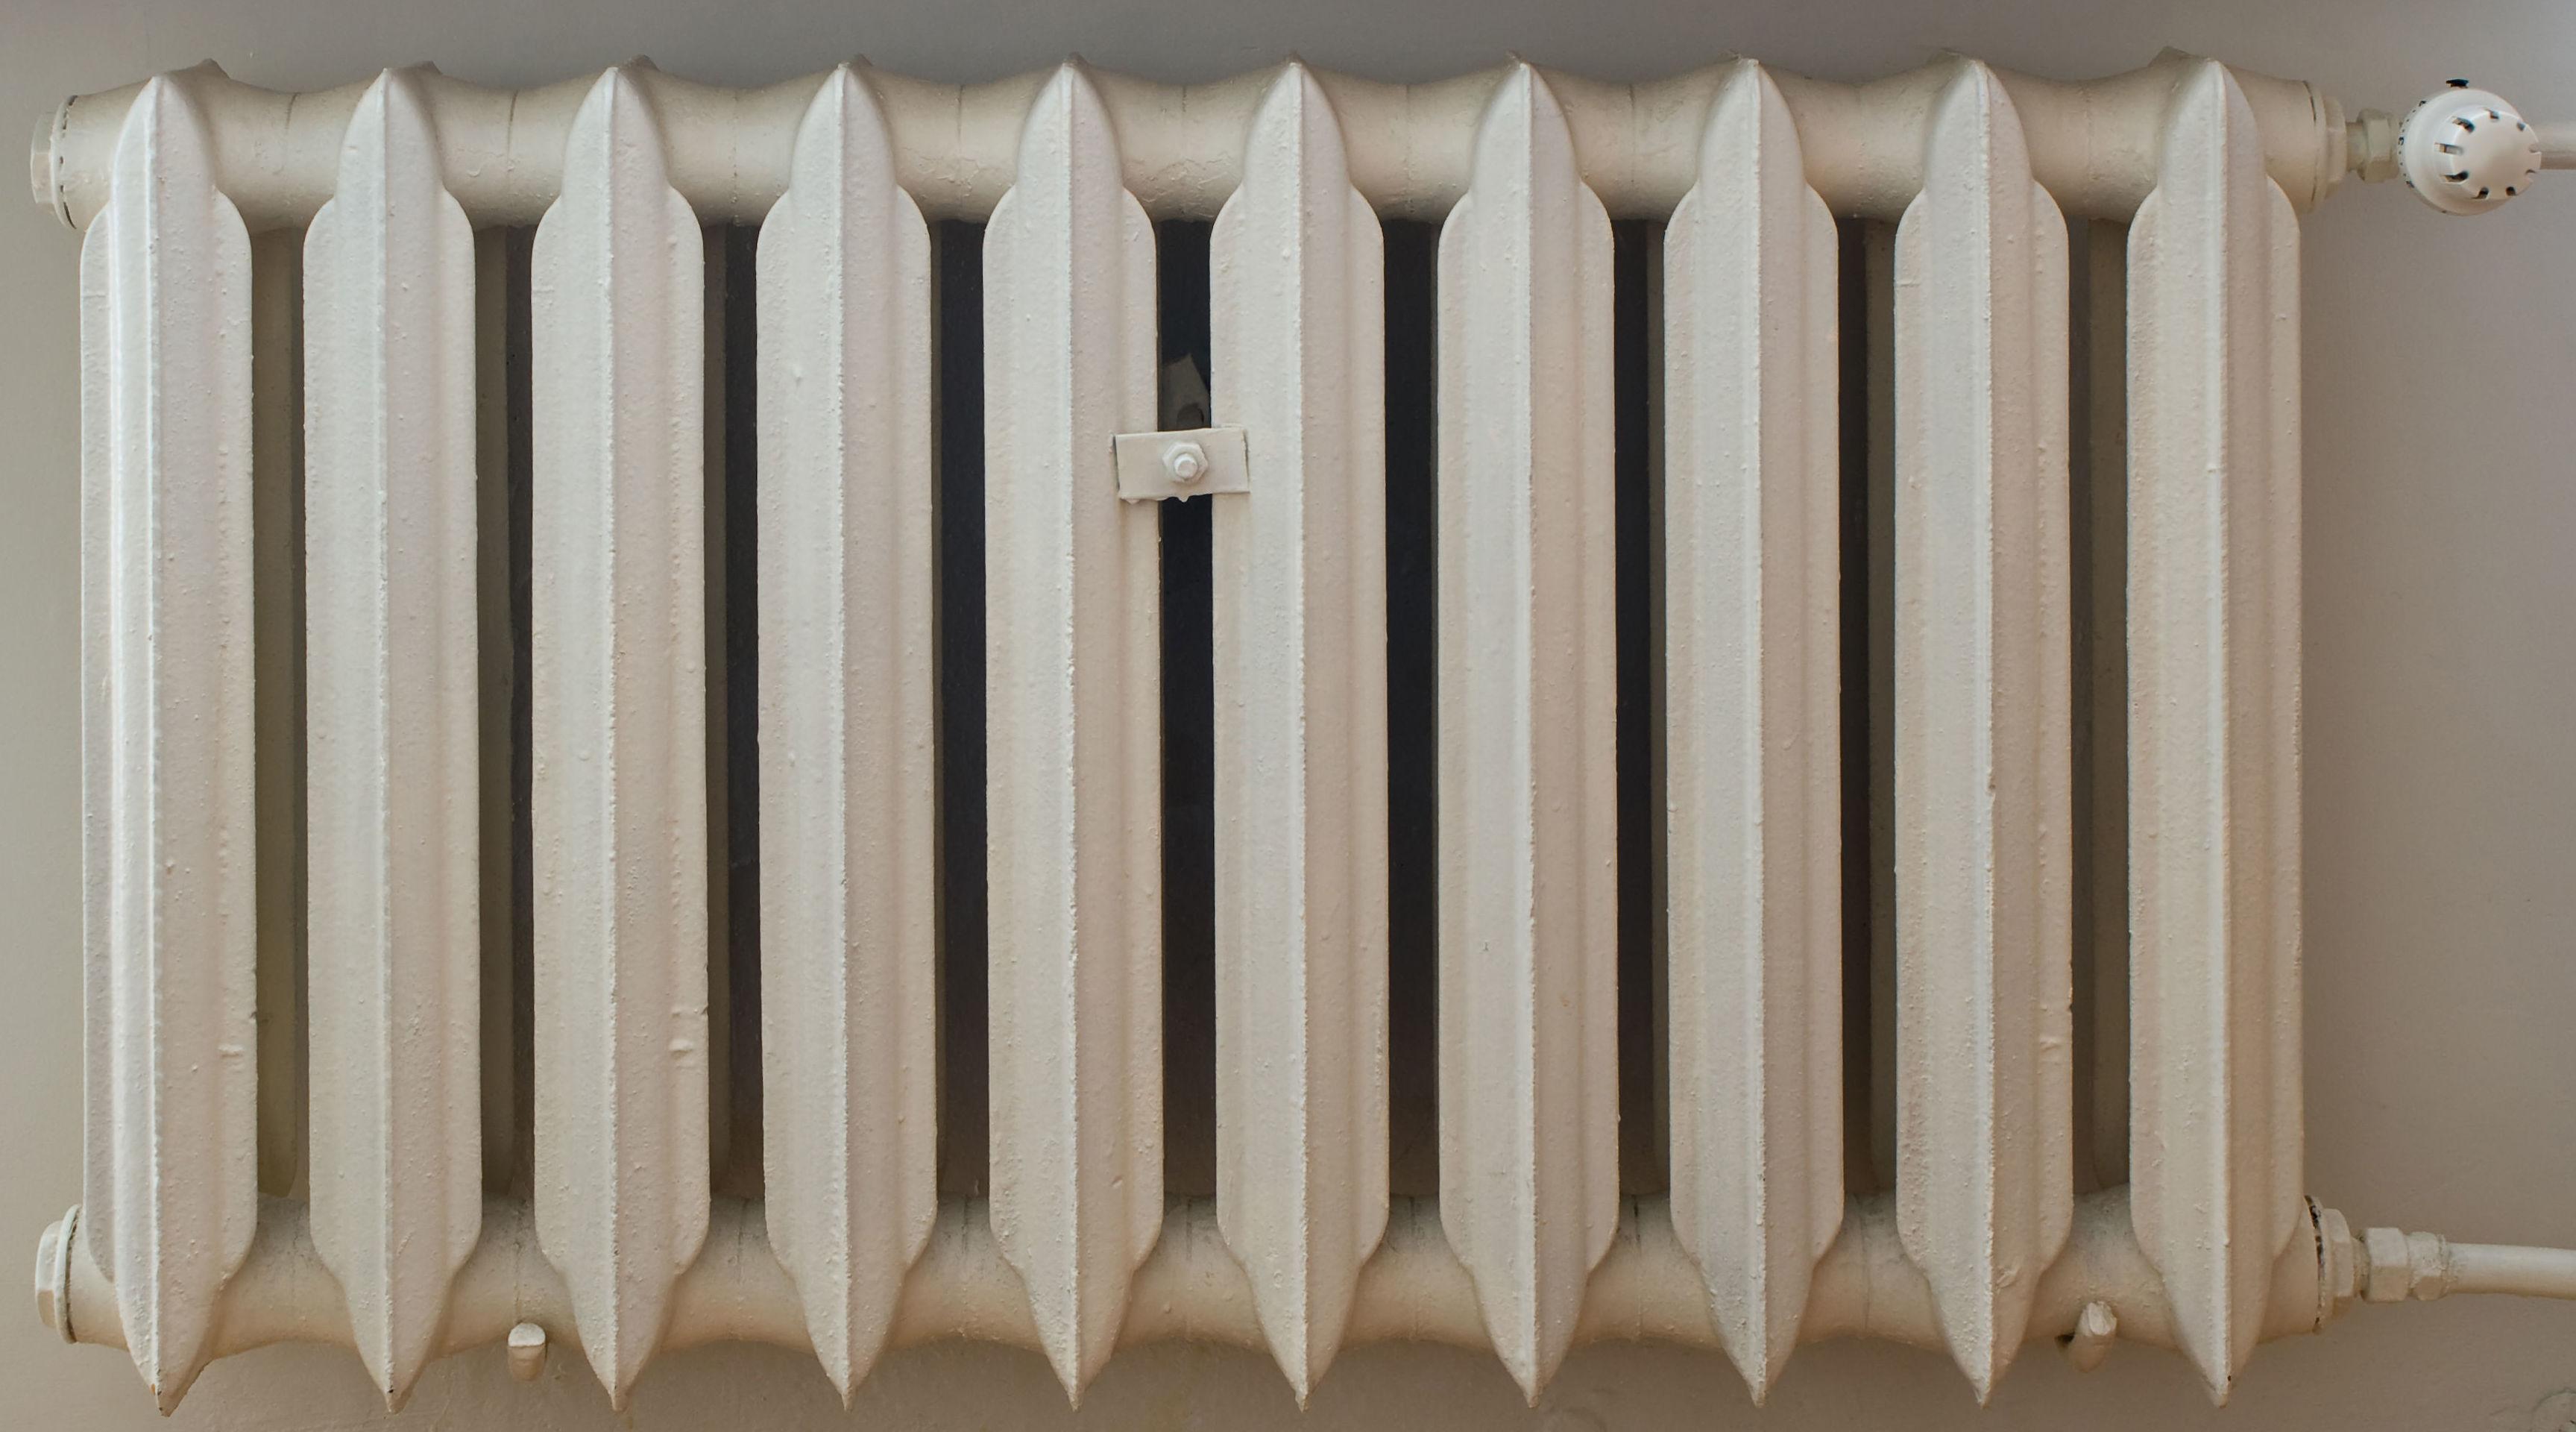 Instalación y mantenimiento de Calefacción en Lugo